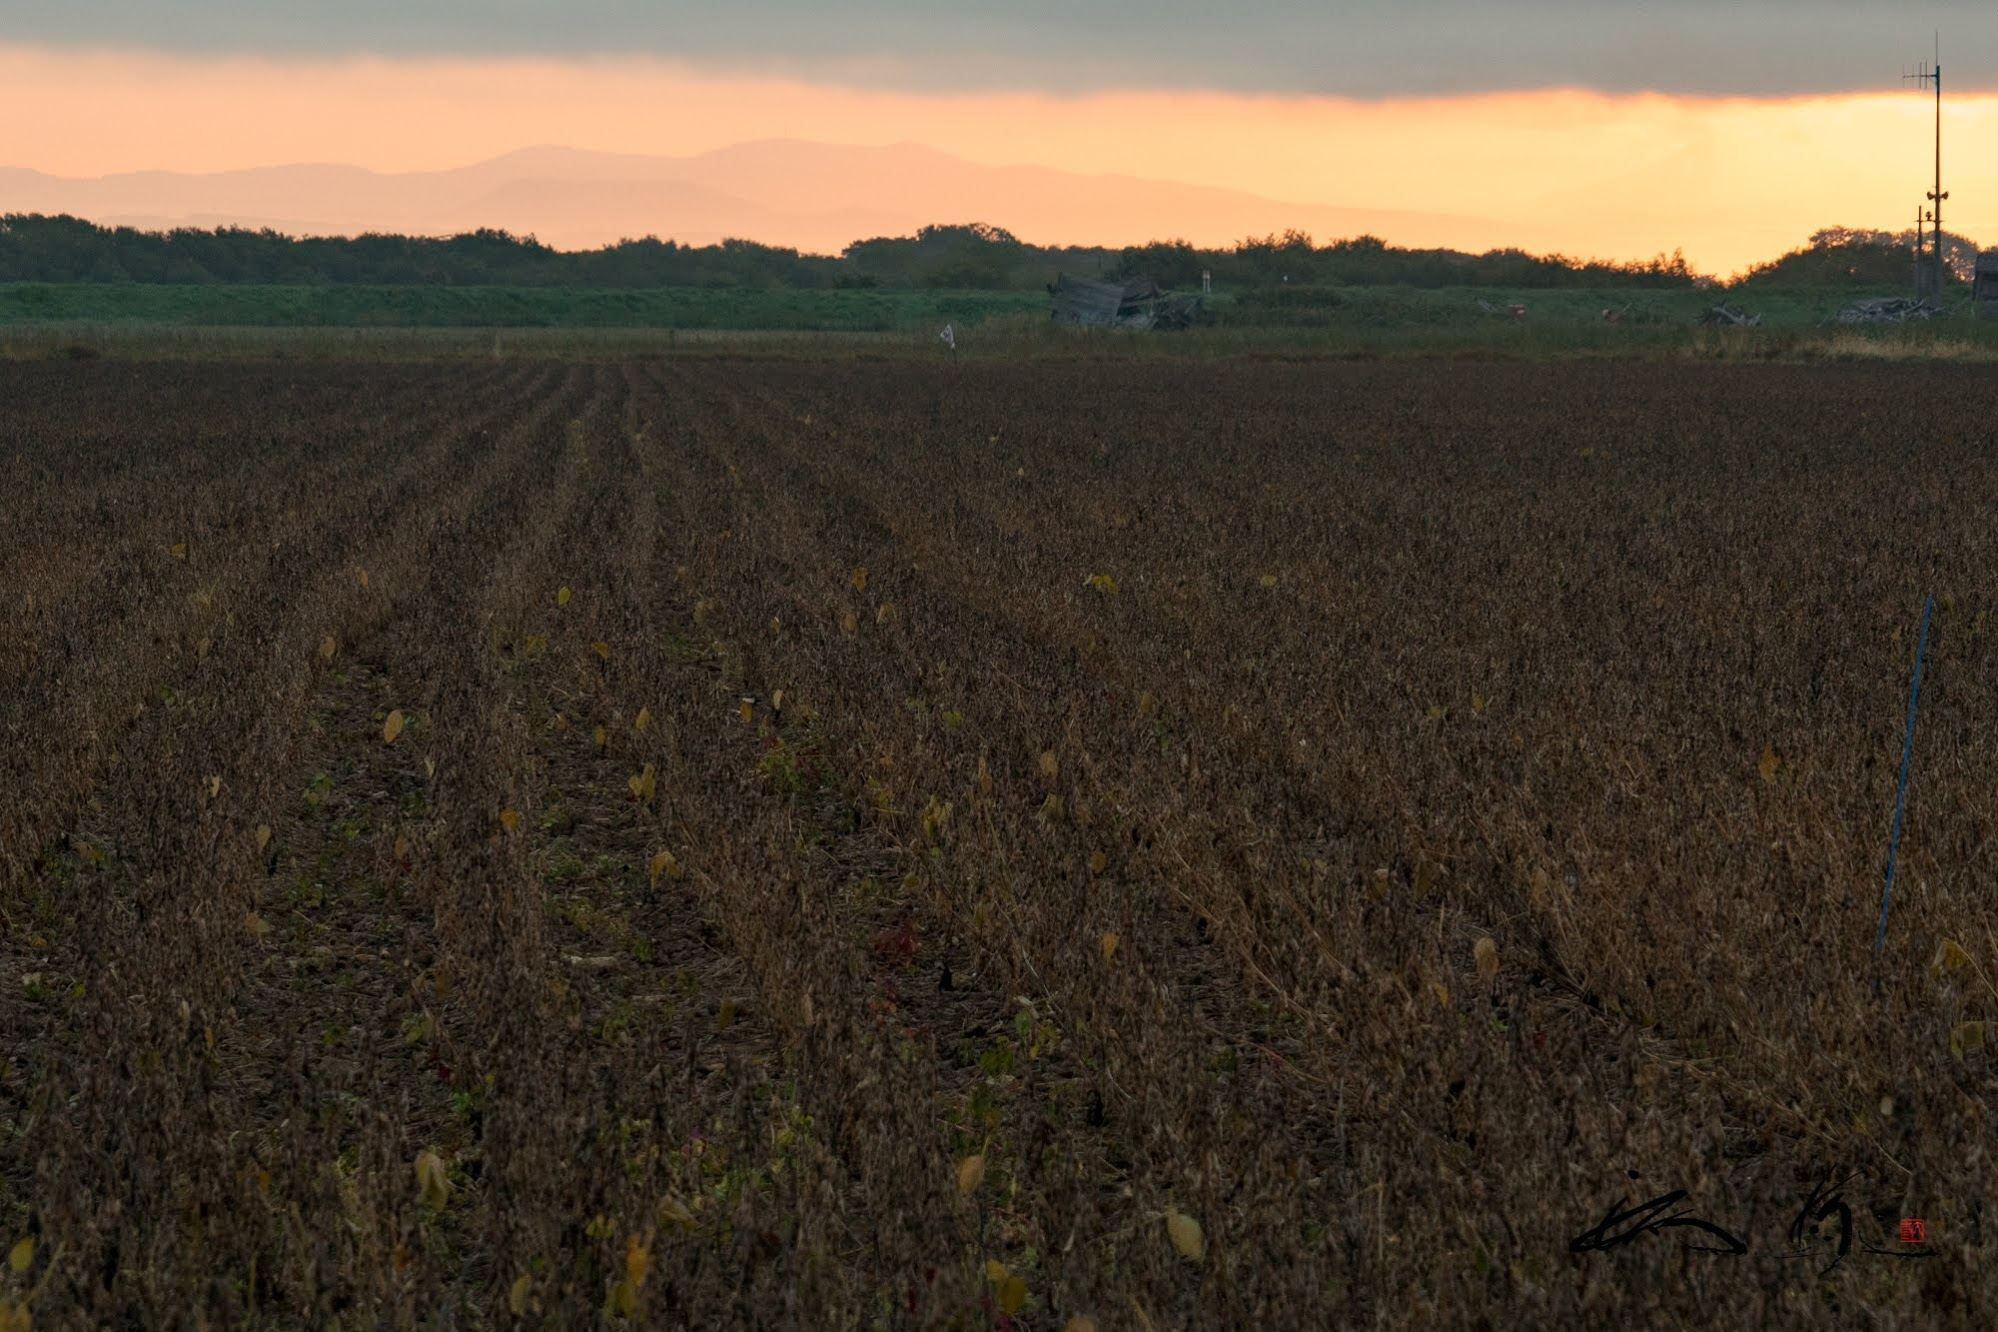 収穫を待つ大豆畑